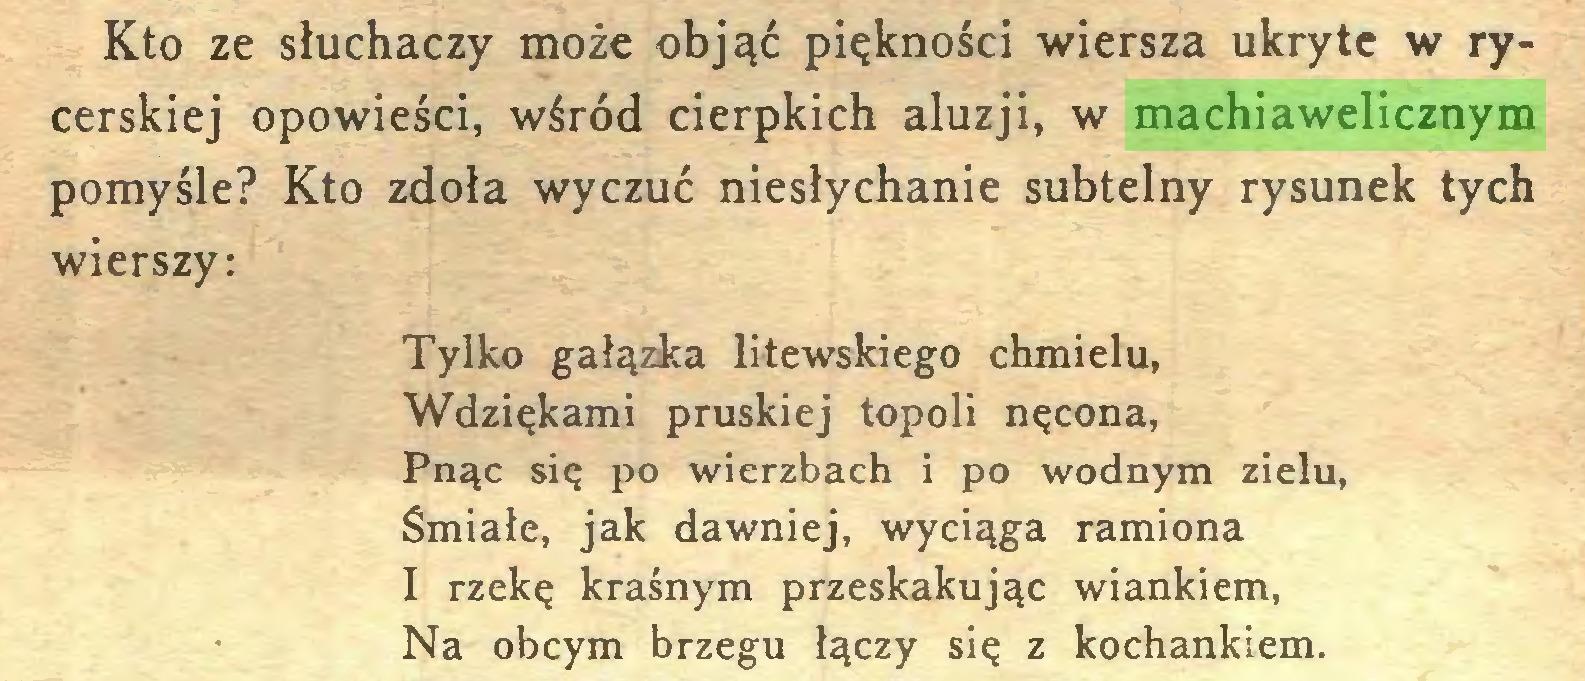 (...) Kto ze słuchaczy może objąć piękności wiersza ukryte w rycerskiej opowieści, wśród cierpkich aluzji, w machiawelicznym pomyśle? Kto zdoła wyczuć niesłychanie subtelny rysunek tych wierszy: Tylko gałązka litewskiego chmielu, Wdziękami pruskiej topoli nęcona, Pnąc się po wierzbach i po wodnym zielu, Śmiałe, jak dawniej, wyciąga ramiona I rzekę kraśnym przeskakując wiankiem, Na obcym brzegu łączy się z kochankiem...